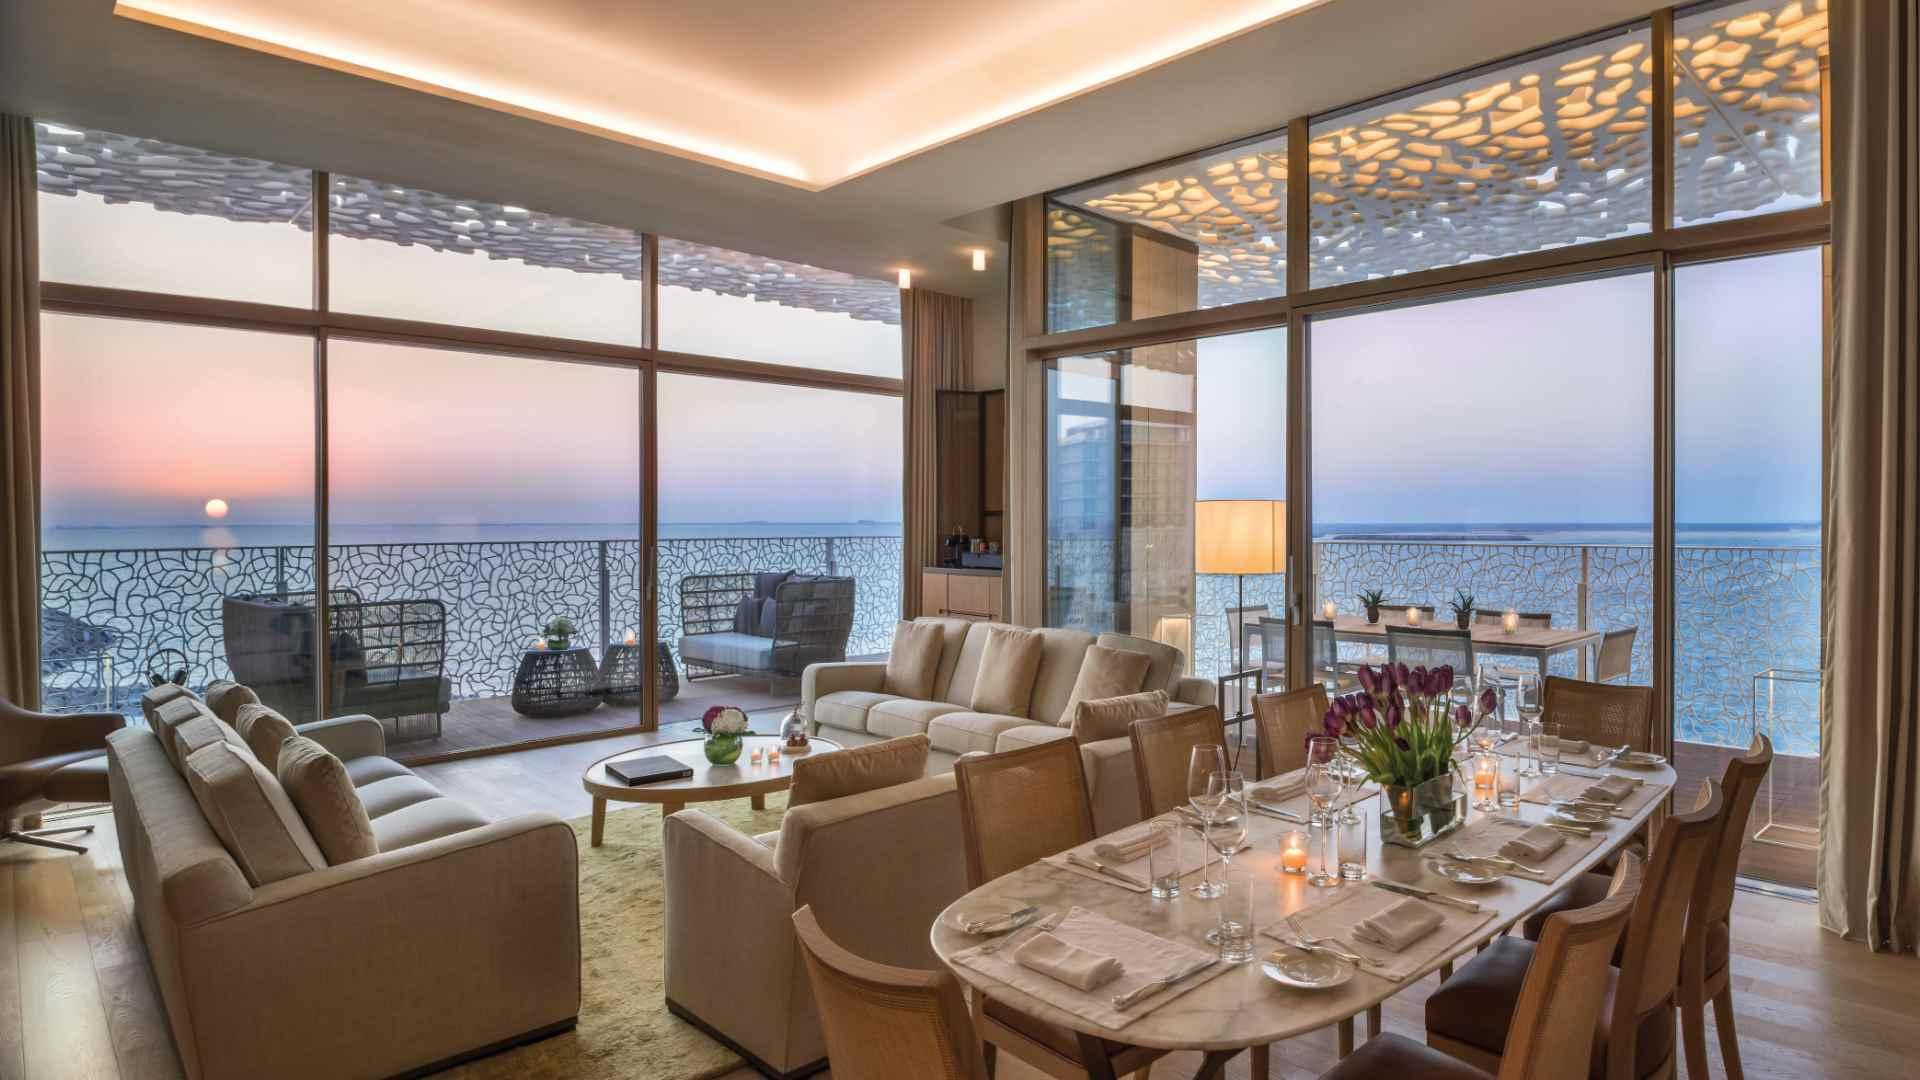 Villa en venta en Dubai, EAU, 4 dormitorios, 657 m2, № 24280 – foto 1